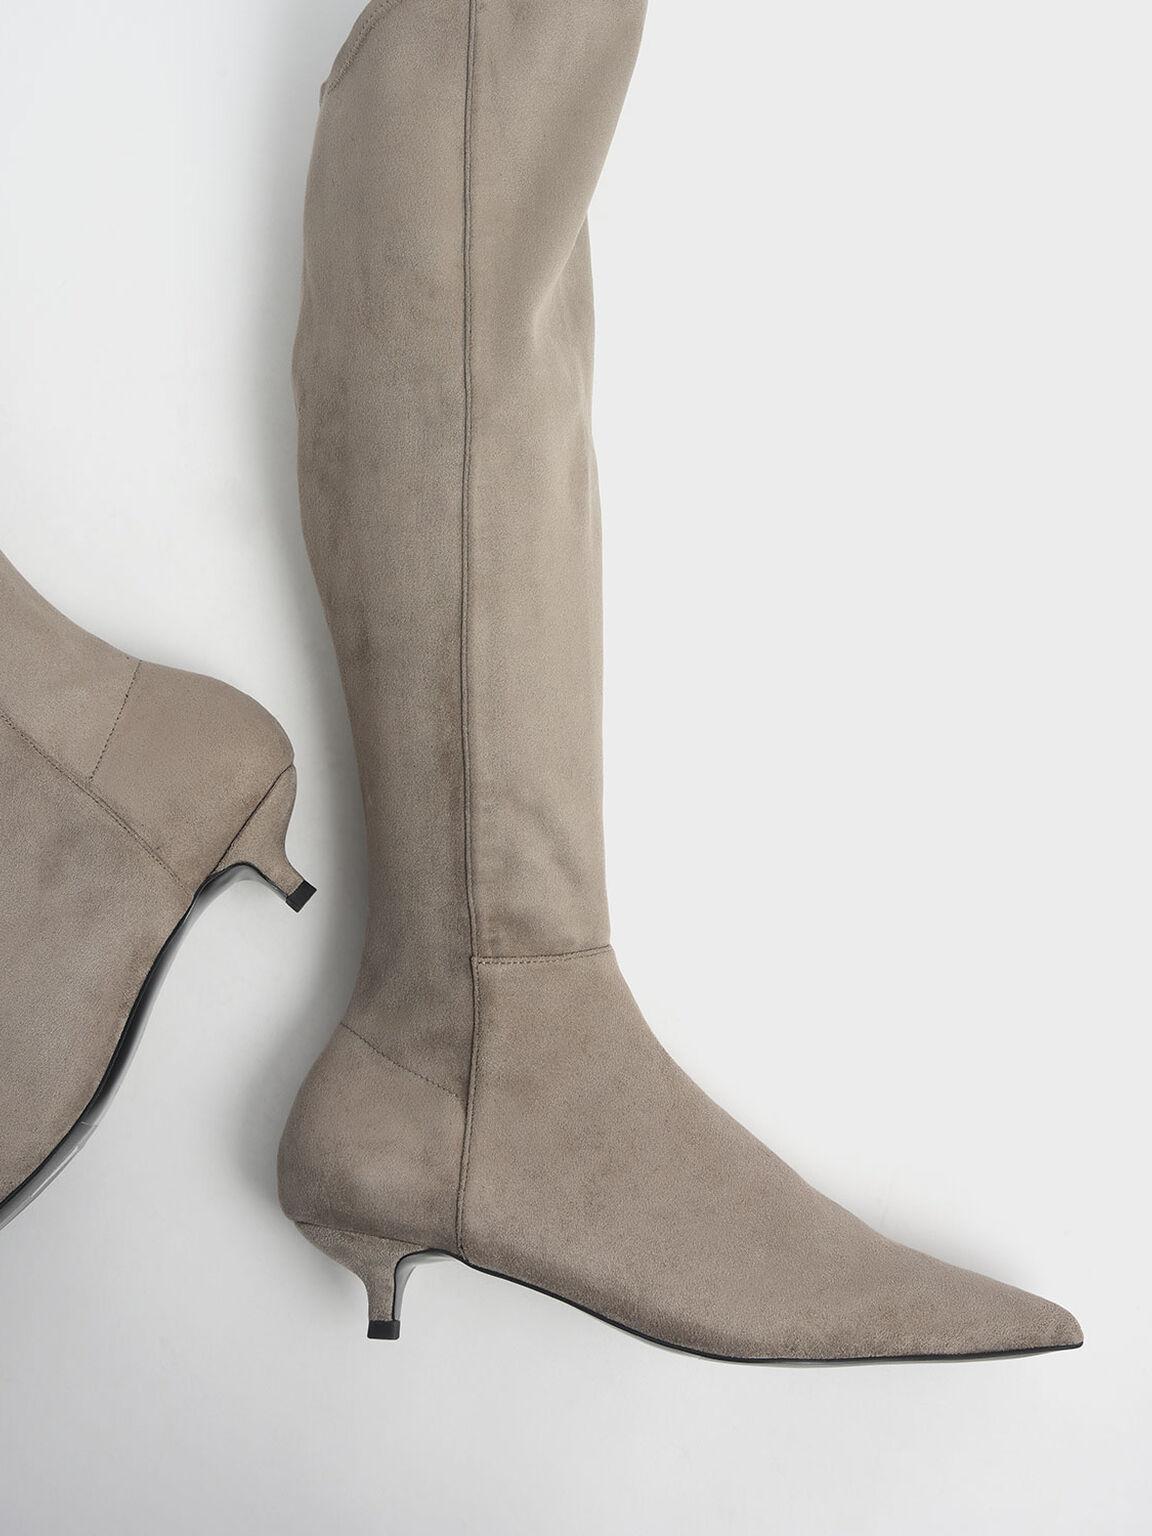 Textured Kitten Heel Knee High Boots, Taupe, hi-res